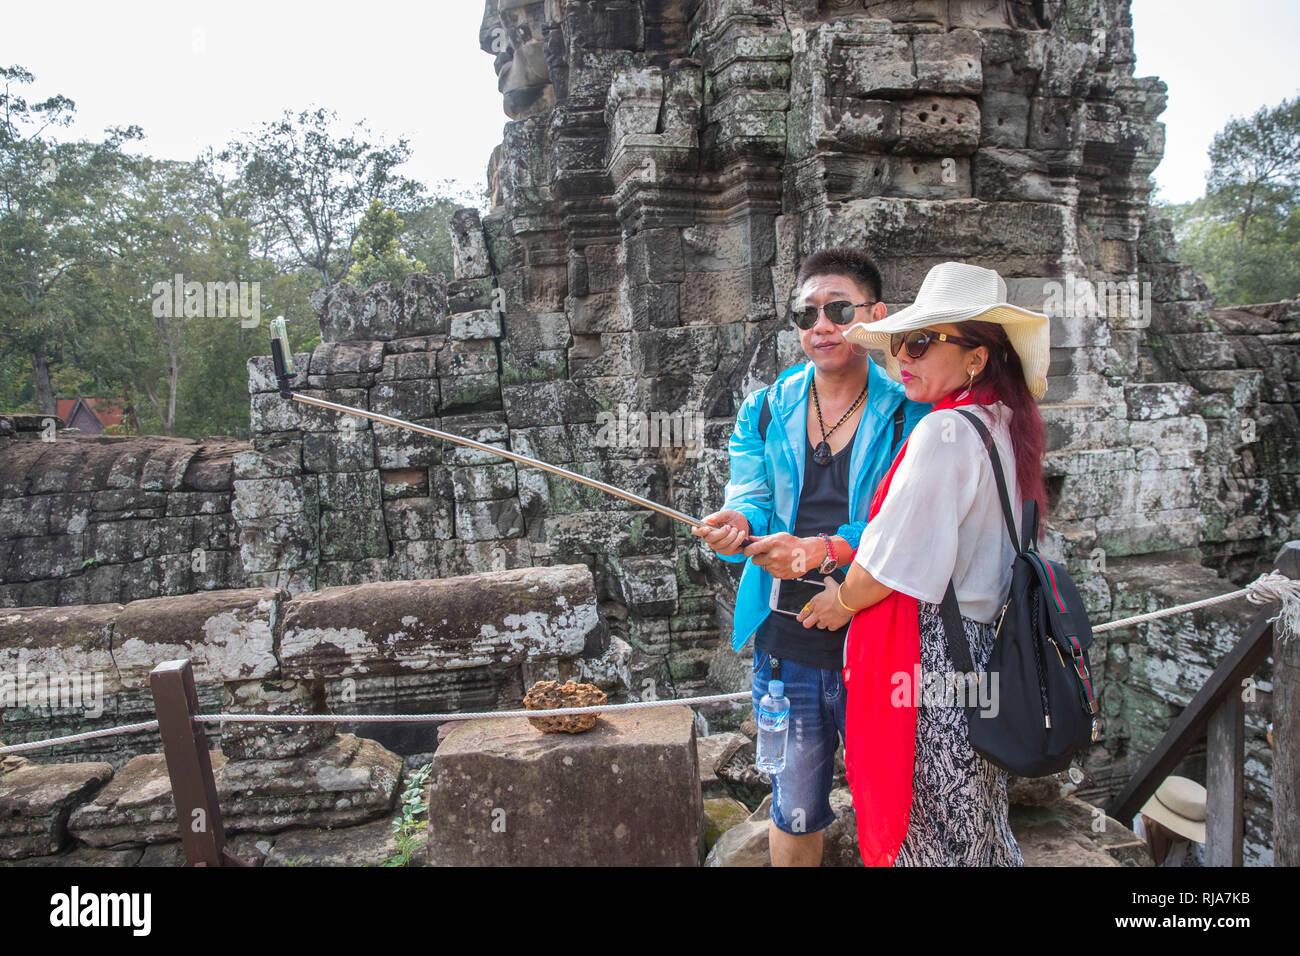 Siem Reap, Angkor, Tempel Bayon, von Touristen überlaufen, Paar beim fotografieren, Selfie - Stock Image